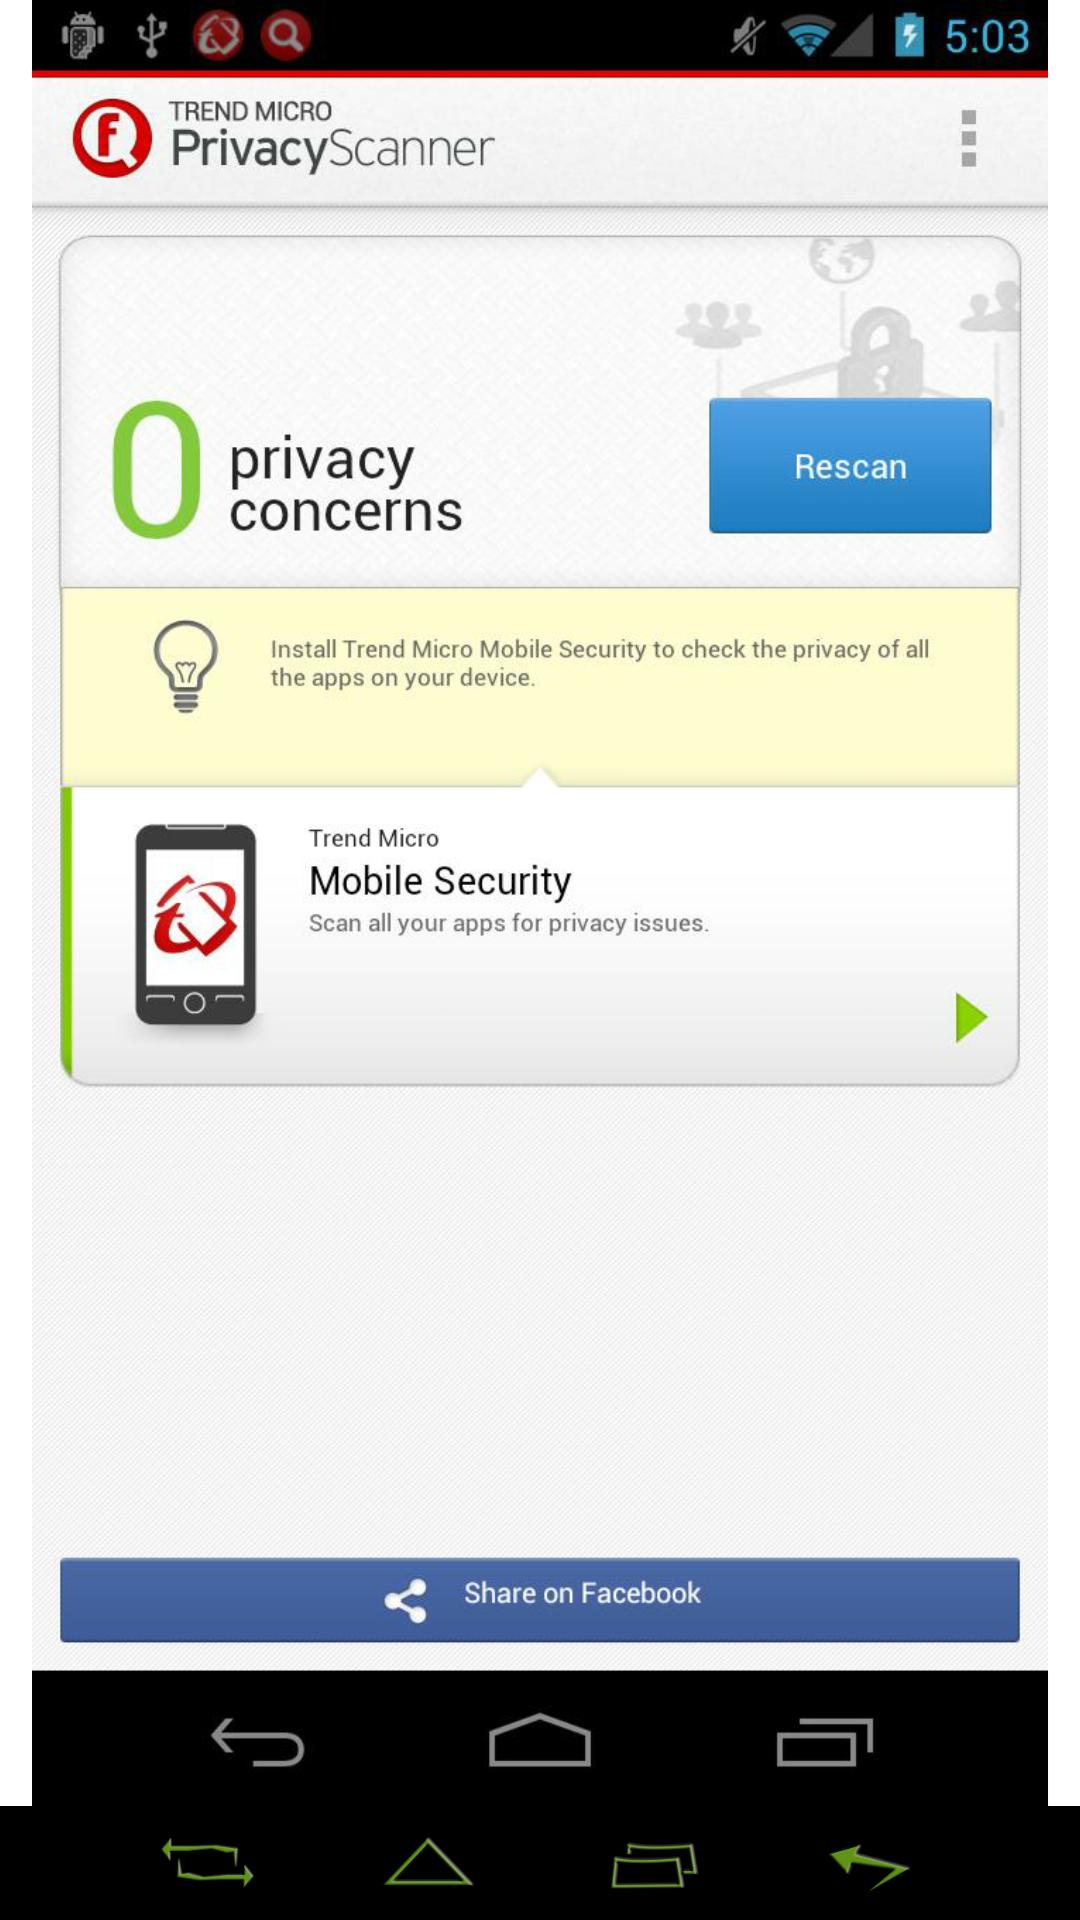 [APPLICATION ANDROID - Privacy Scanner for Facebook] protéger ses données privées sur ce réseau social [Gratuit][17.02.2014] C3EbSHcO